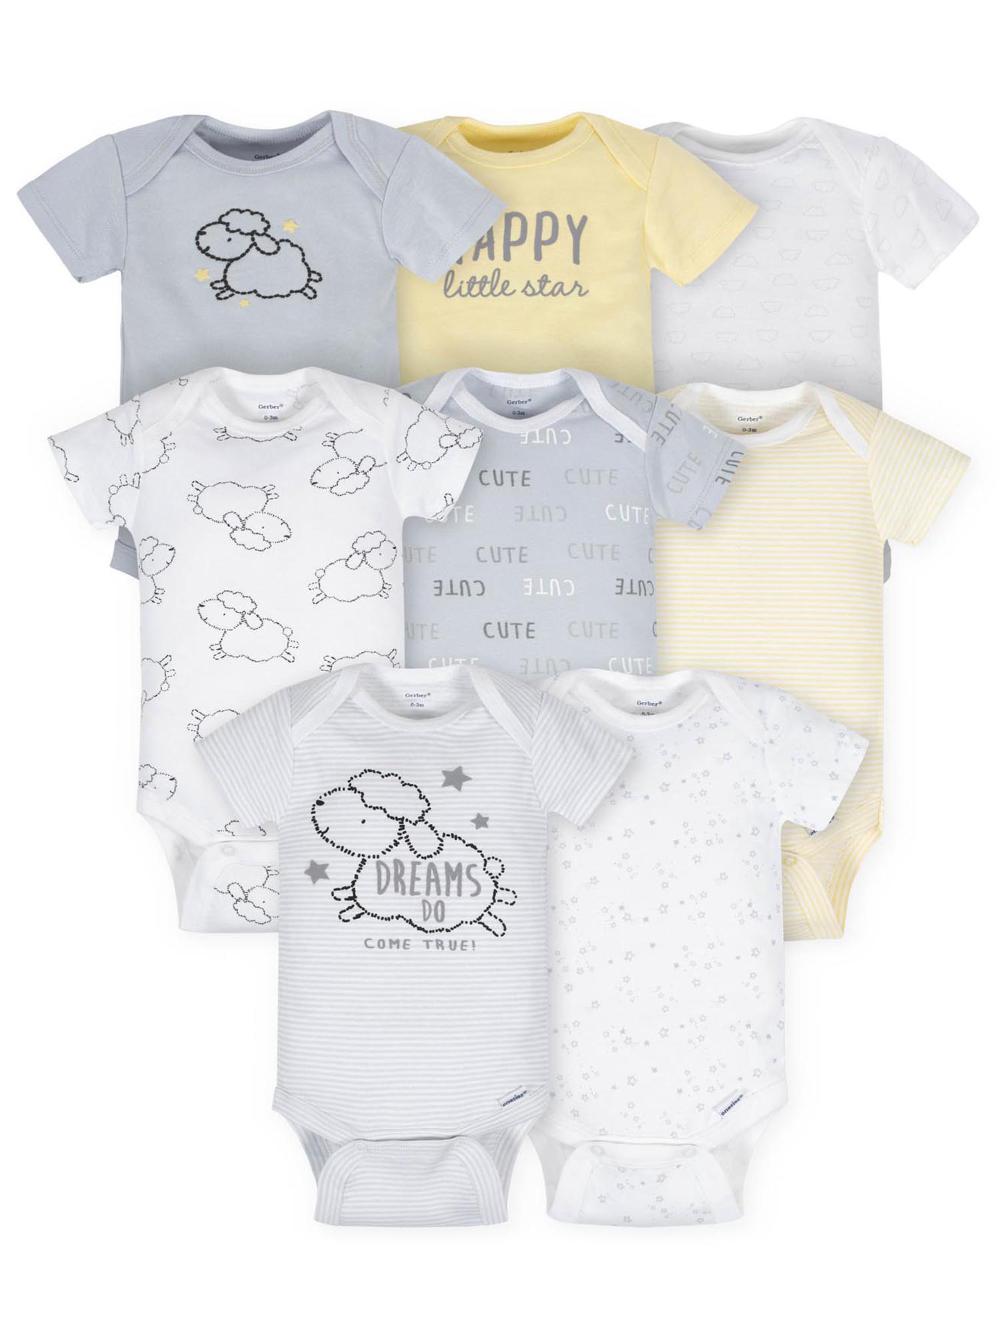 Gerber Gerber Baby Boy Or Girl Gender Neutral Onesies Short Sleeve Bodysuits 8 Pack Walmart Com Neutral Baby Onesies Gerber Baby Short Sleeve Onesies